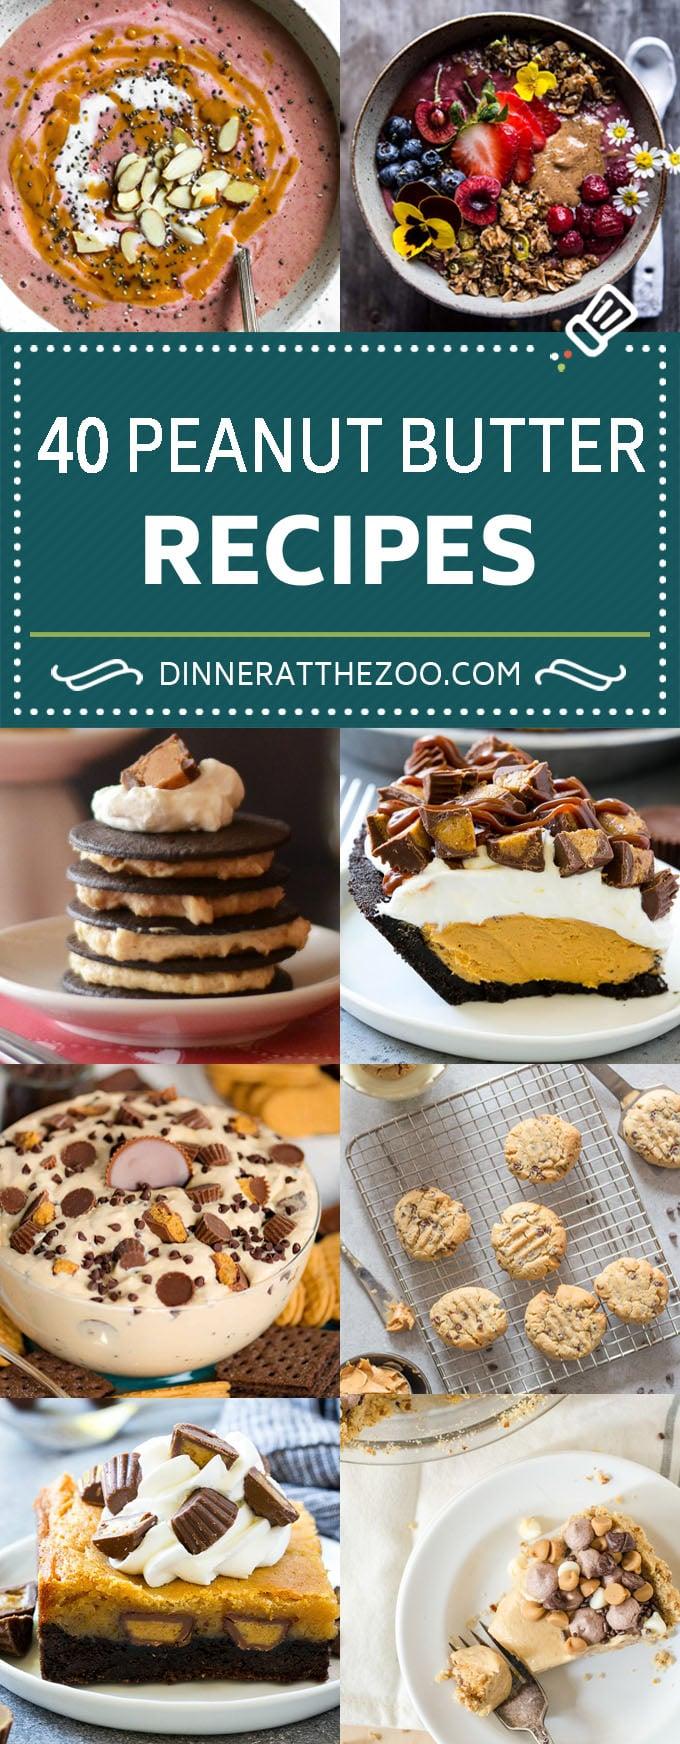 40 Peanut Butter Recipes | Peanut Butter Desserts #peanutbutter #dessert #dinneratthezoo